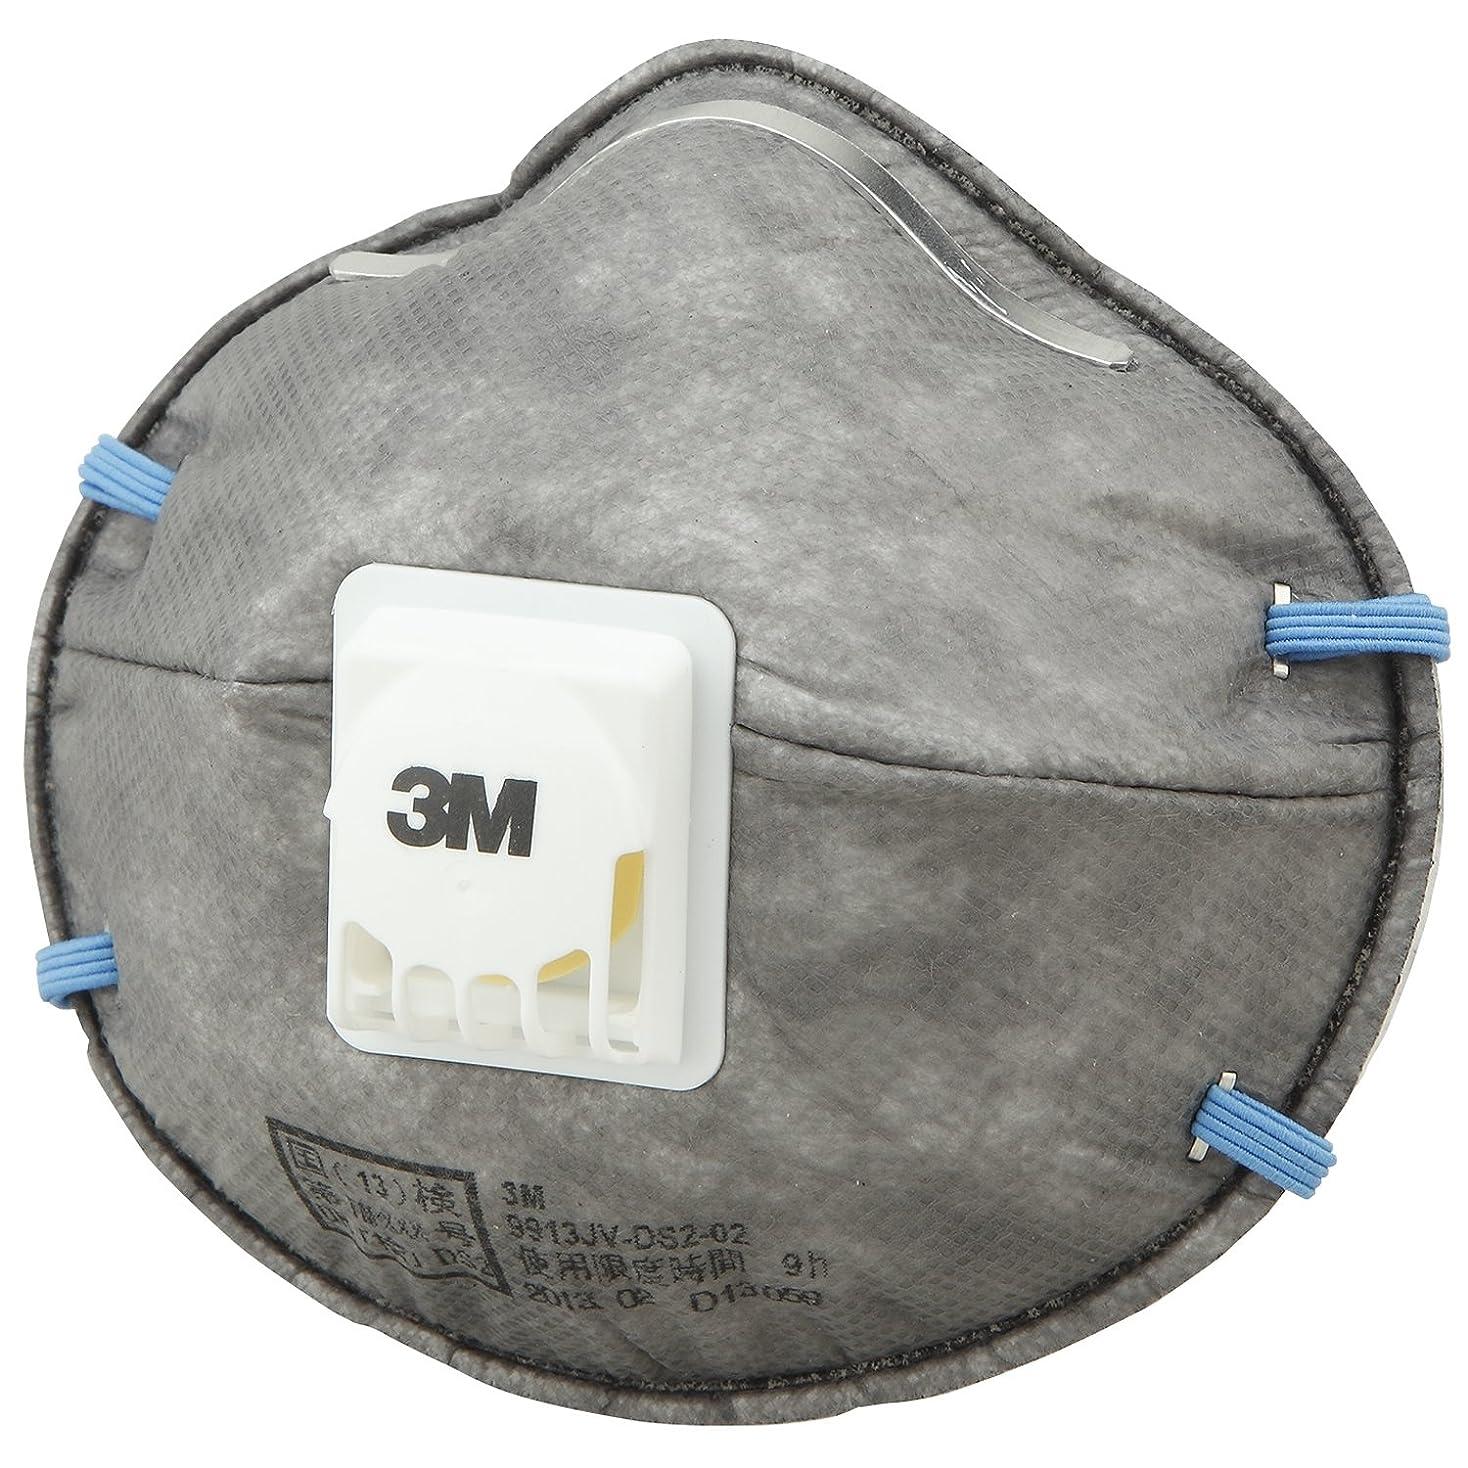 変装タイムリーな合体3M 使い捨て式防じんマスク 9913JV-DS2 10枚入り 国家検定合格品